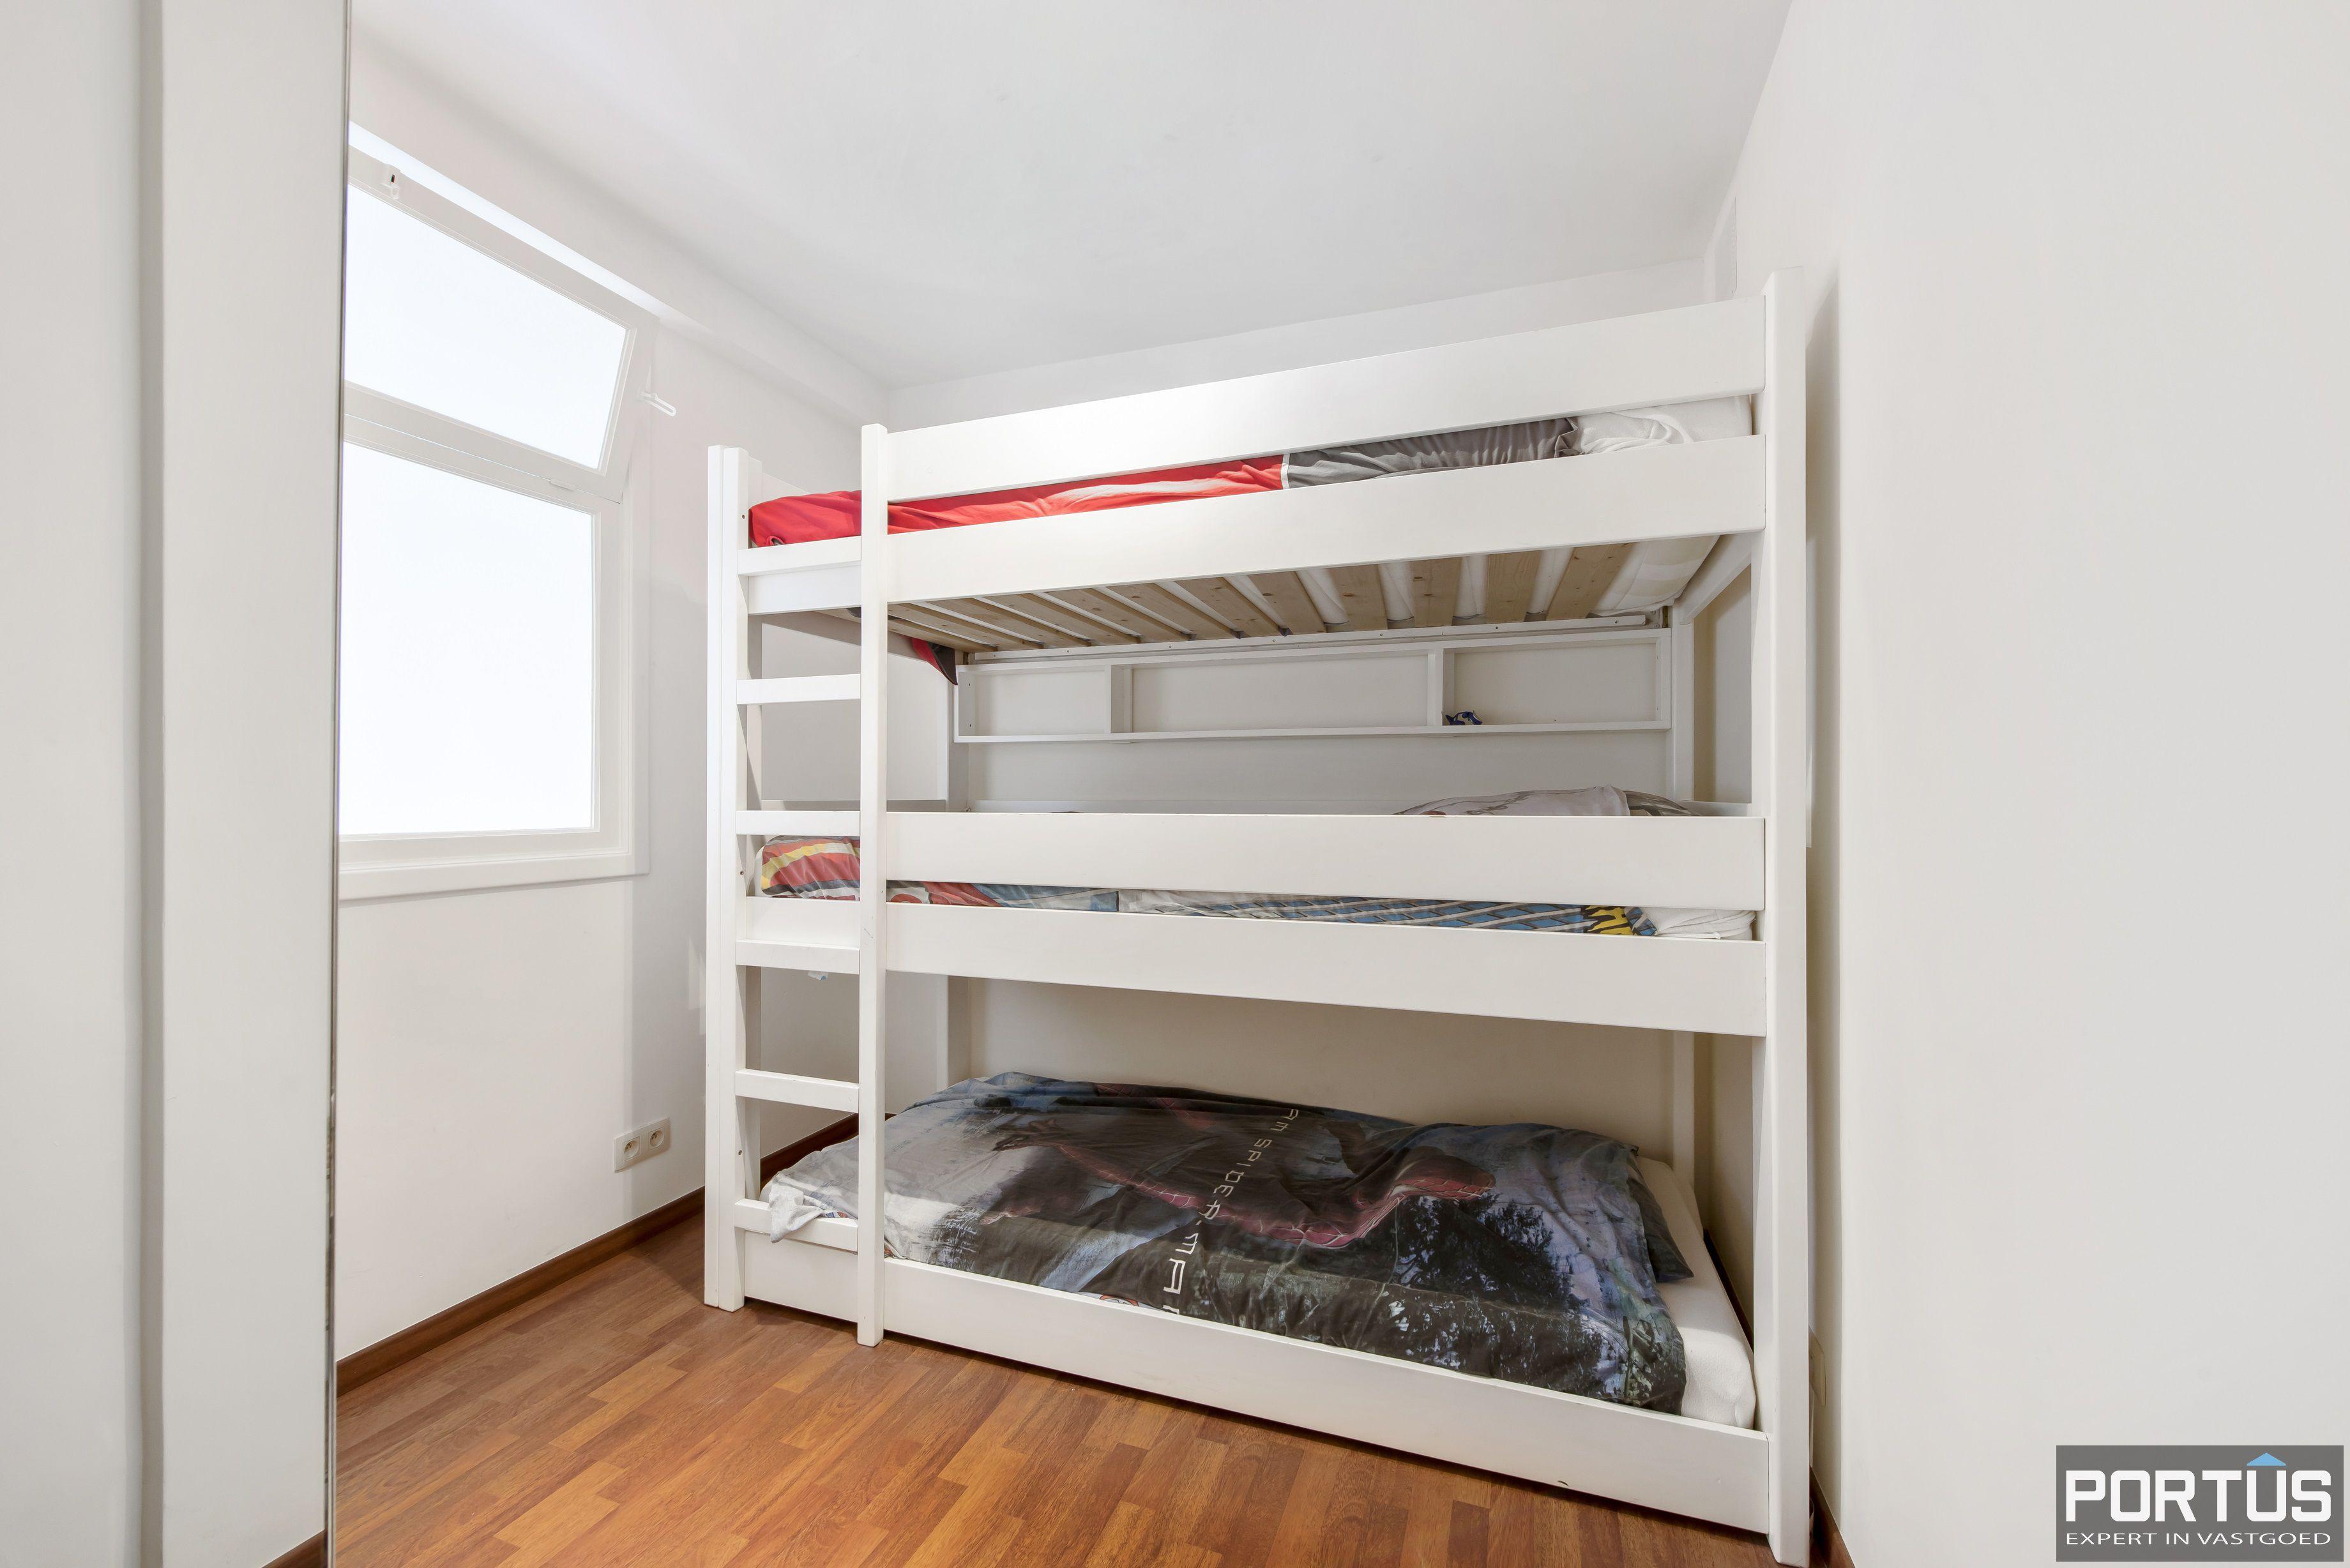 Appartement met 2 slaapkamers en frontaal zeezicht te koop Nieuwpoort - 9779